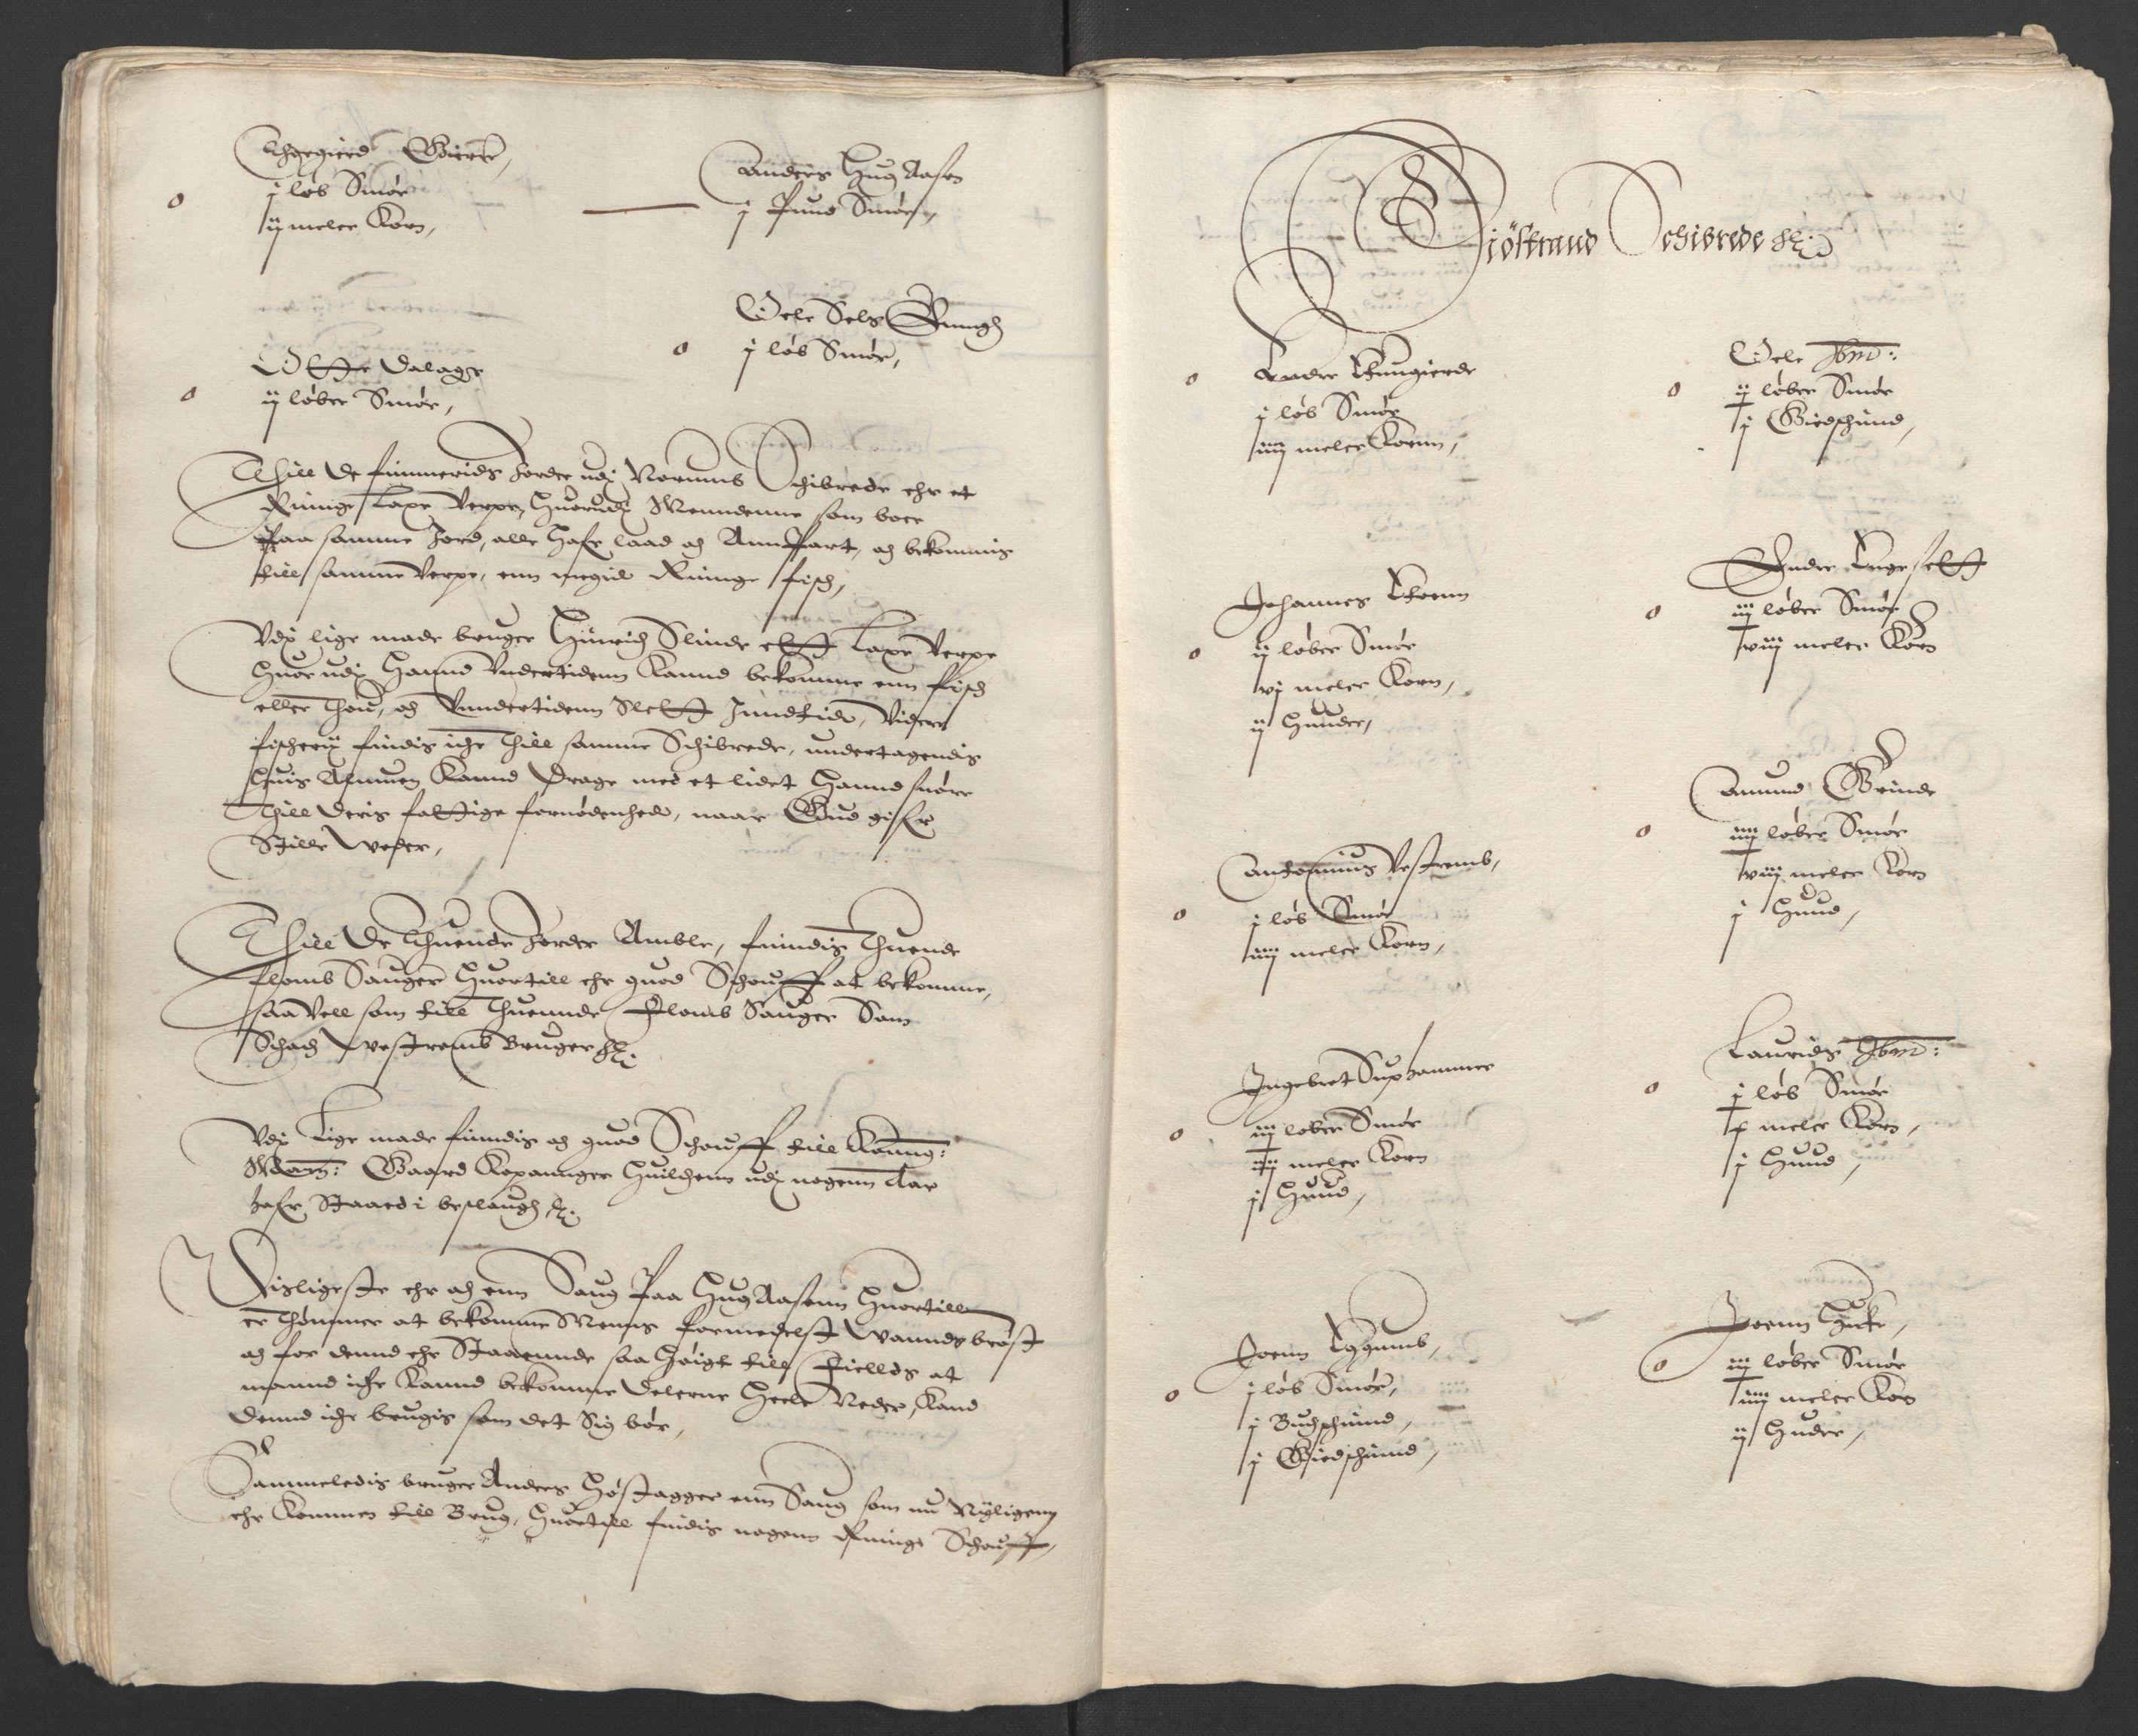 RA, Stattholderembetet 1572-1771, Ek/L0004: Jordebøker til utlikning av garnisonsskatt 1624-1626:, 1626, s. 202